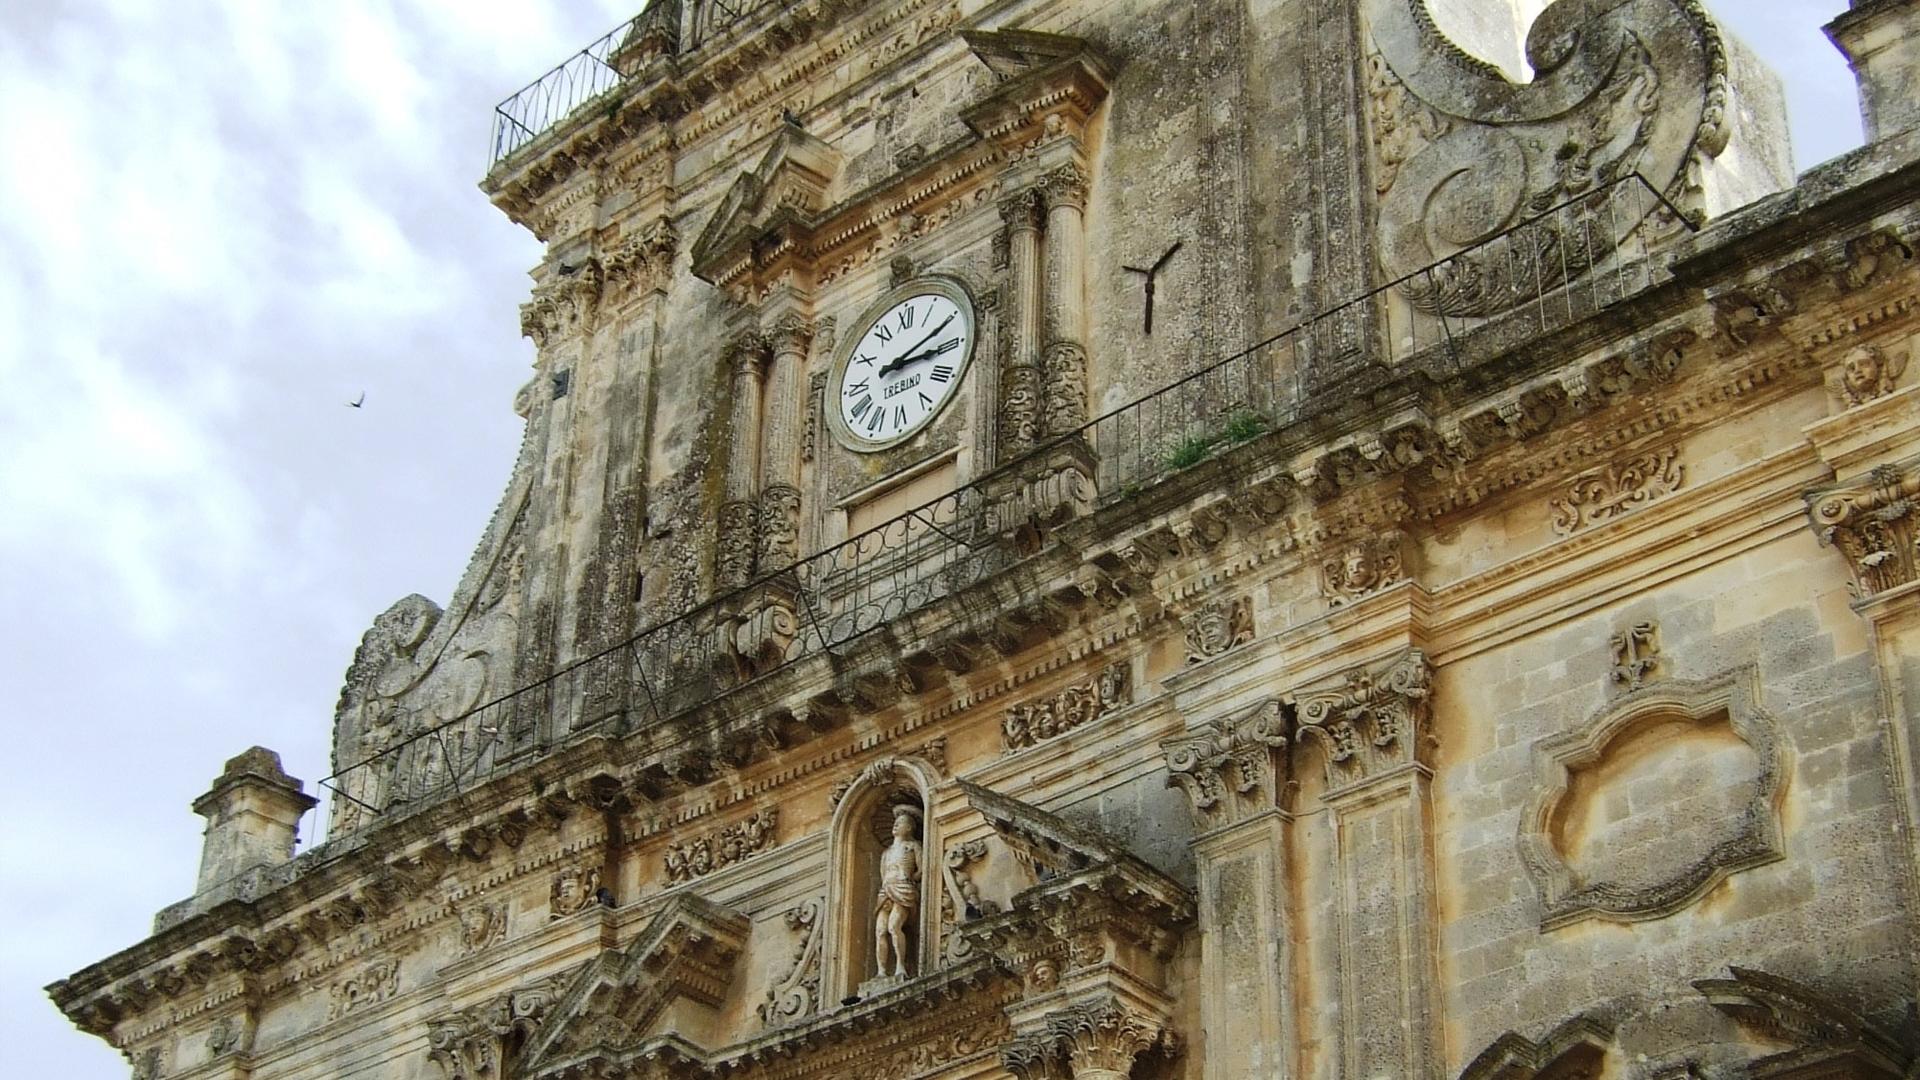 Le chiese barocche di Palazzolo Acreide